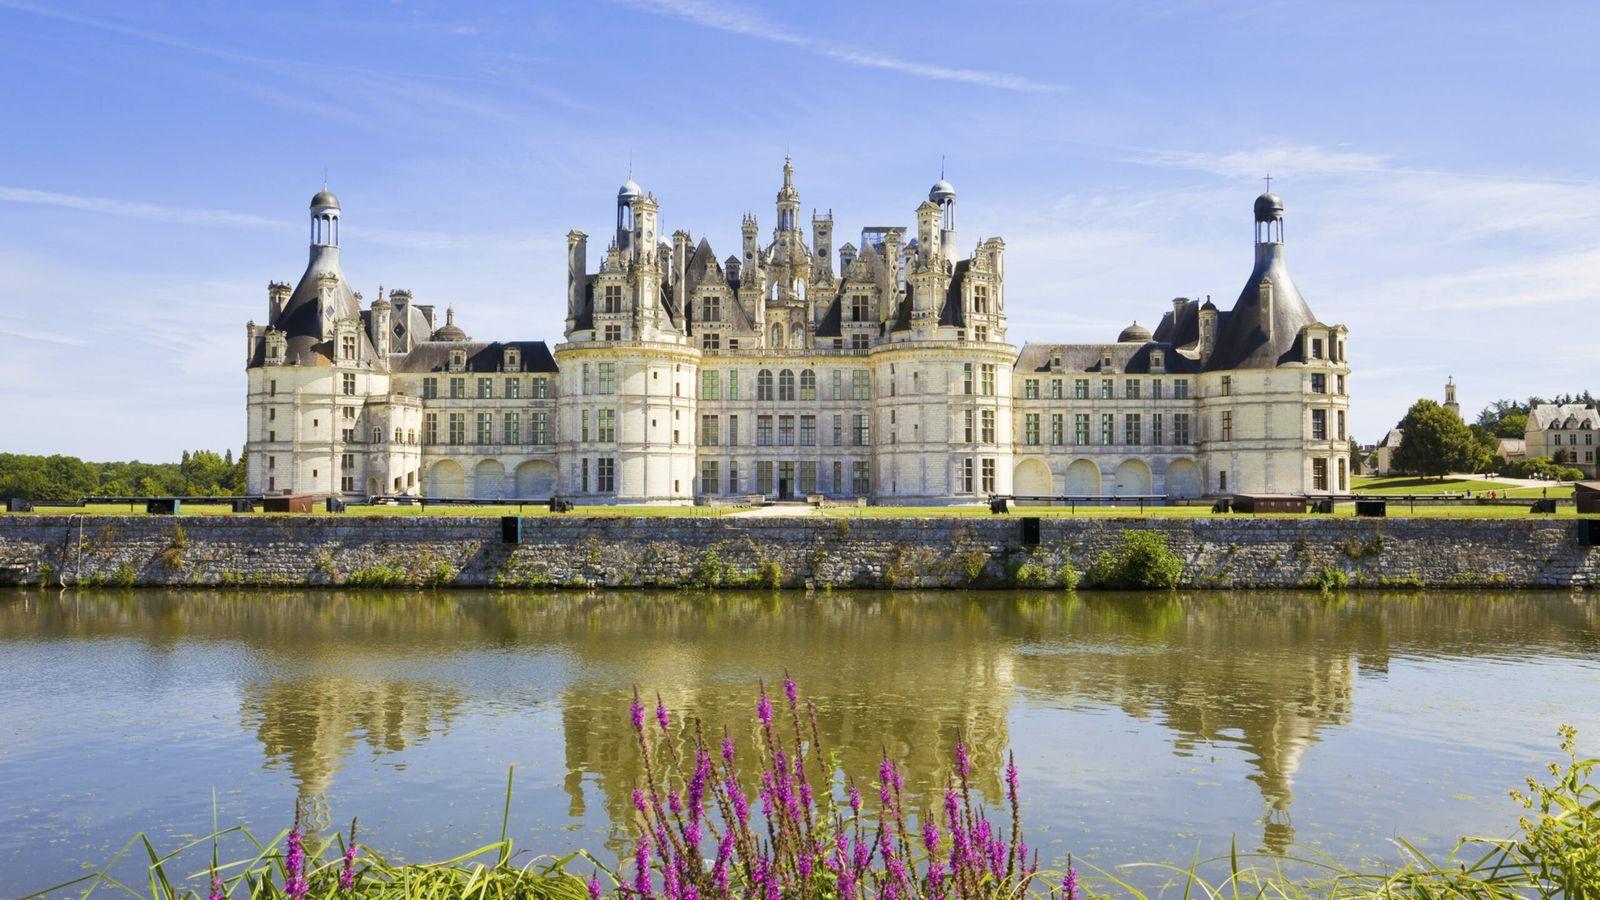 Vue panoramique sur le canal bordant le château de Chambord.